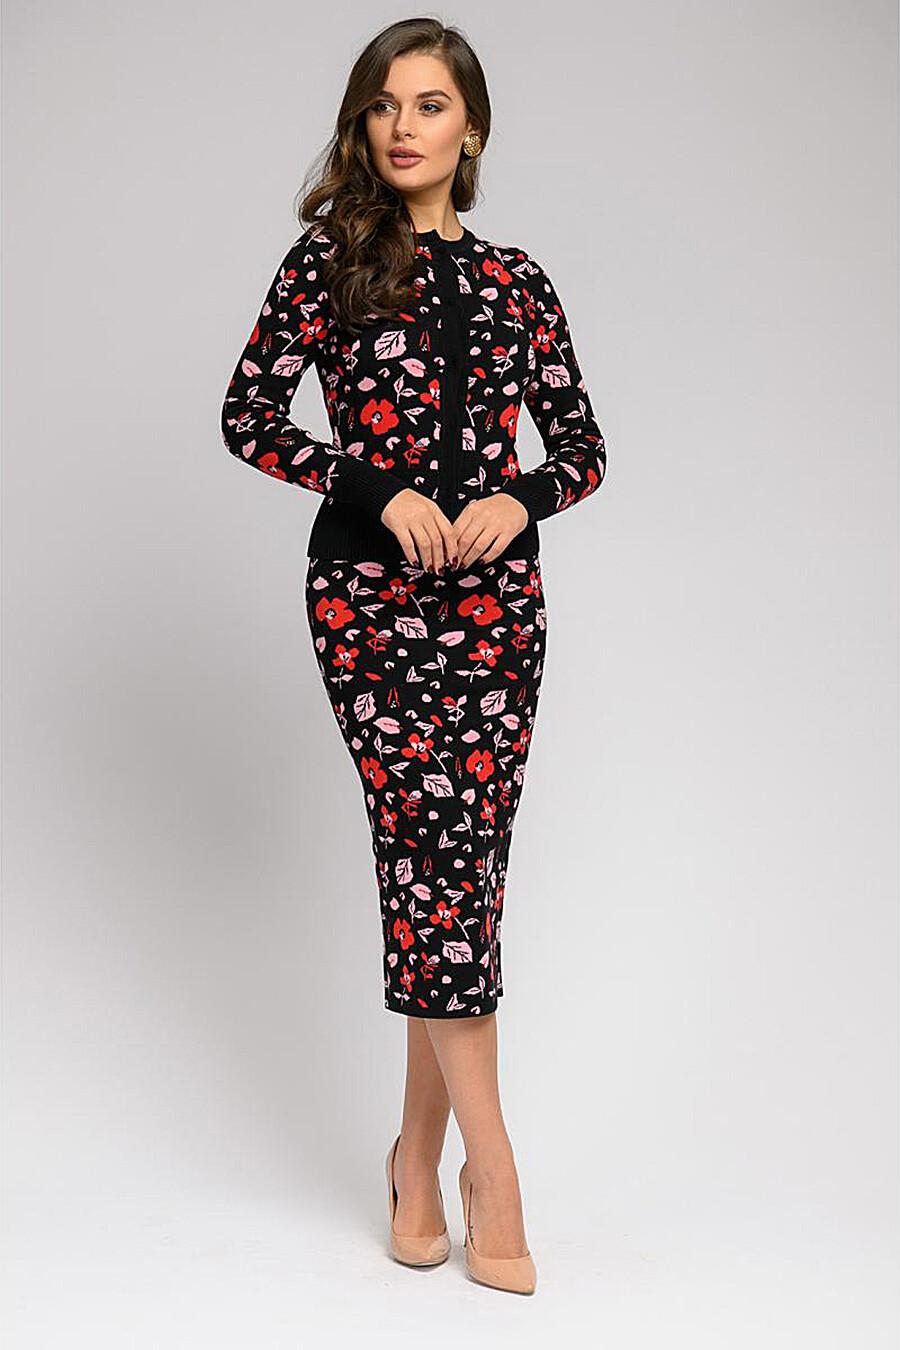 Кардиган для женщин 1001 DRESS 169258 купить оптом от производителя. Совместная покупка женской одежды в OptMoyo